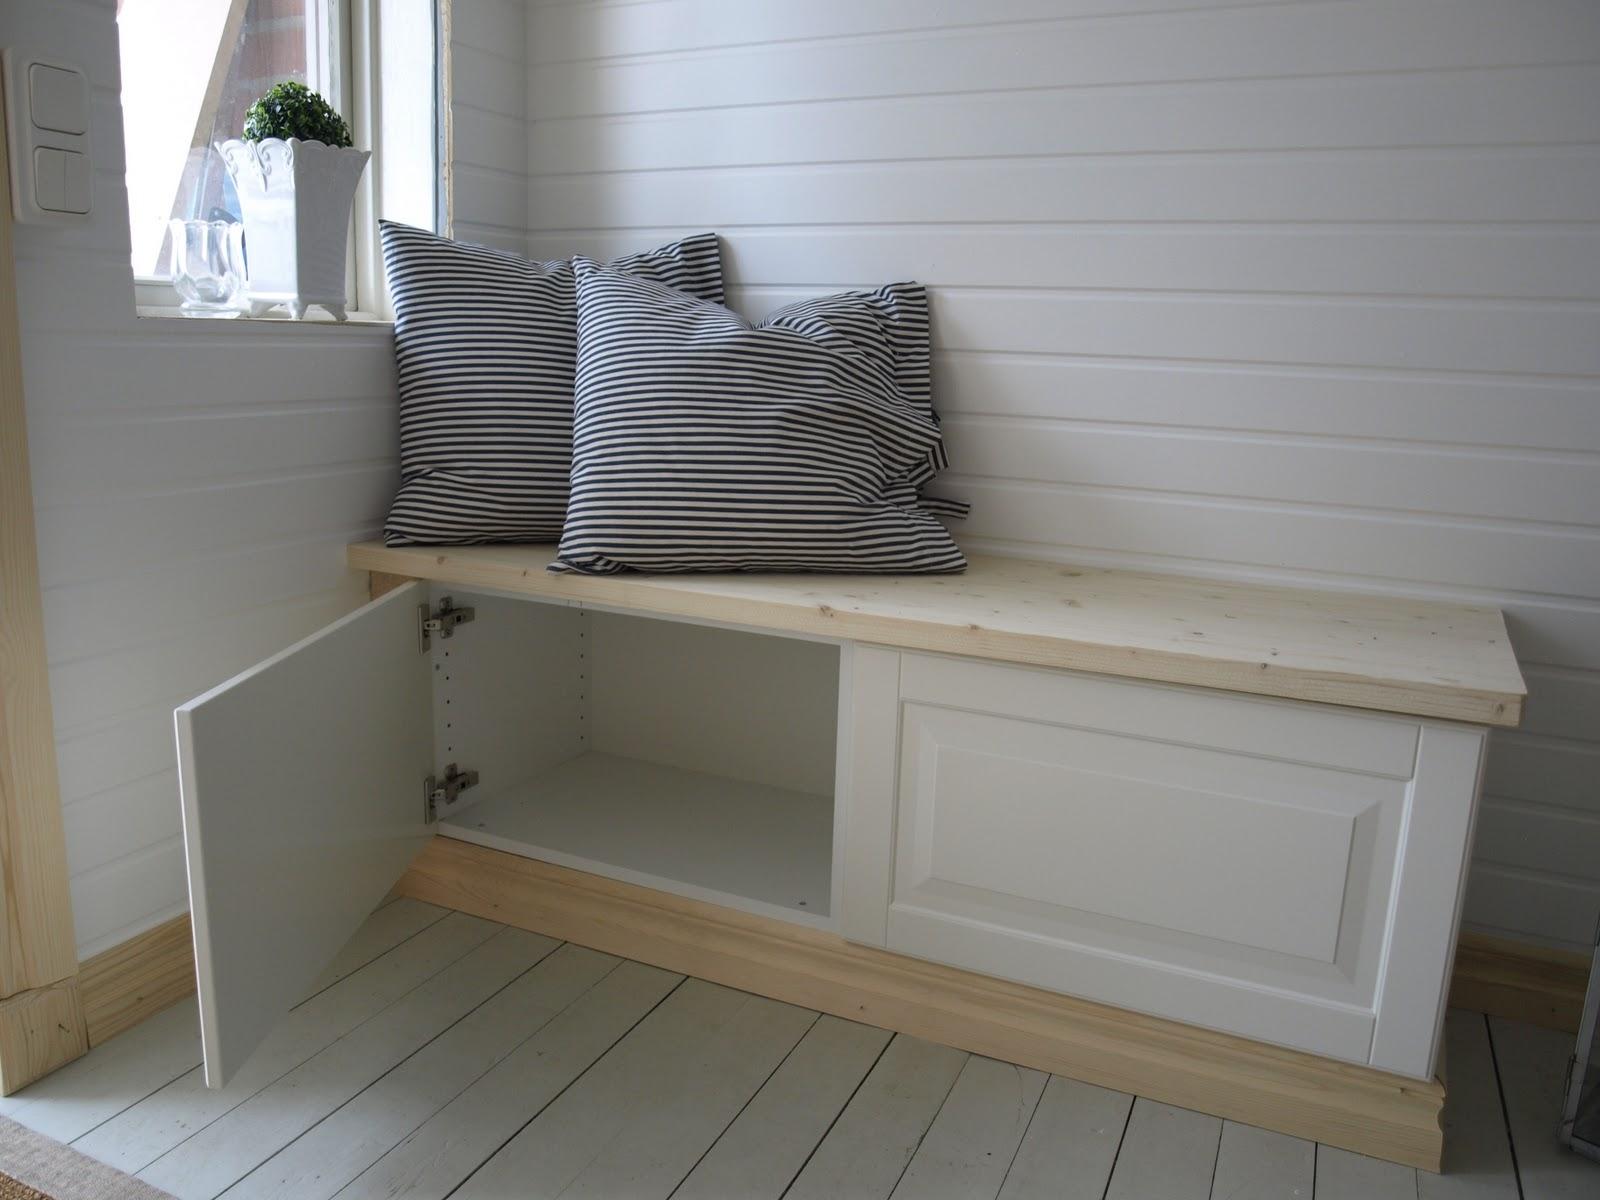 Sittbank Kok Ikea ~ Interiörinspiration Och Idéer För Hemdesign